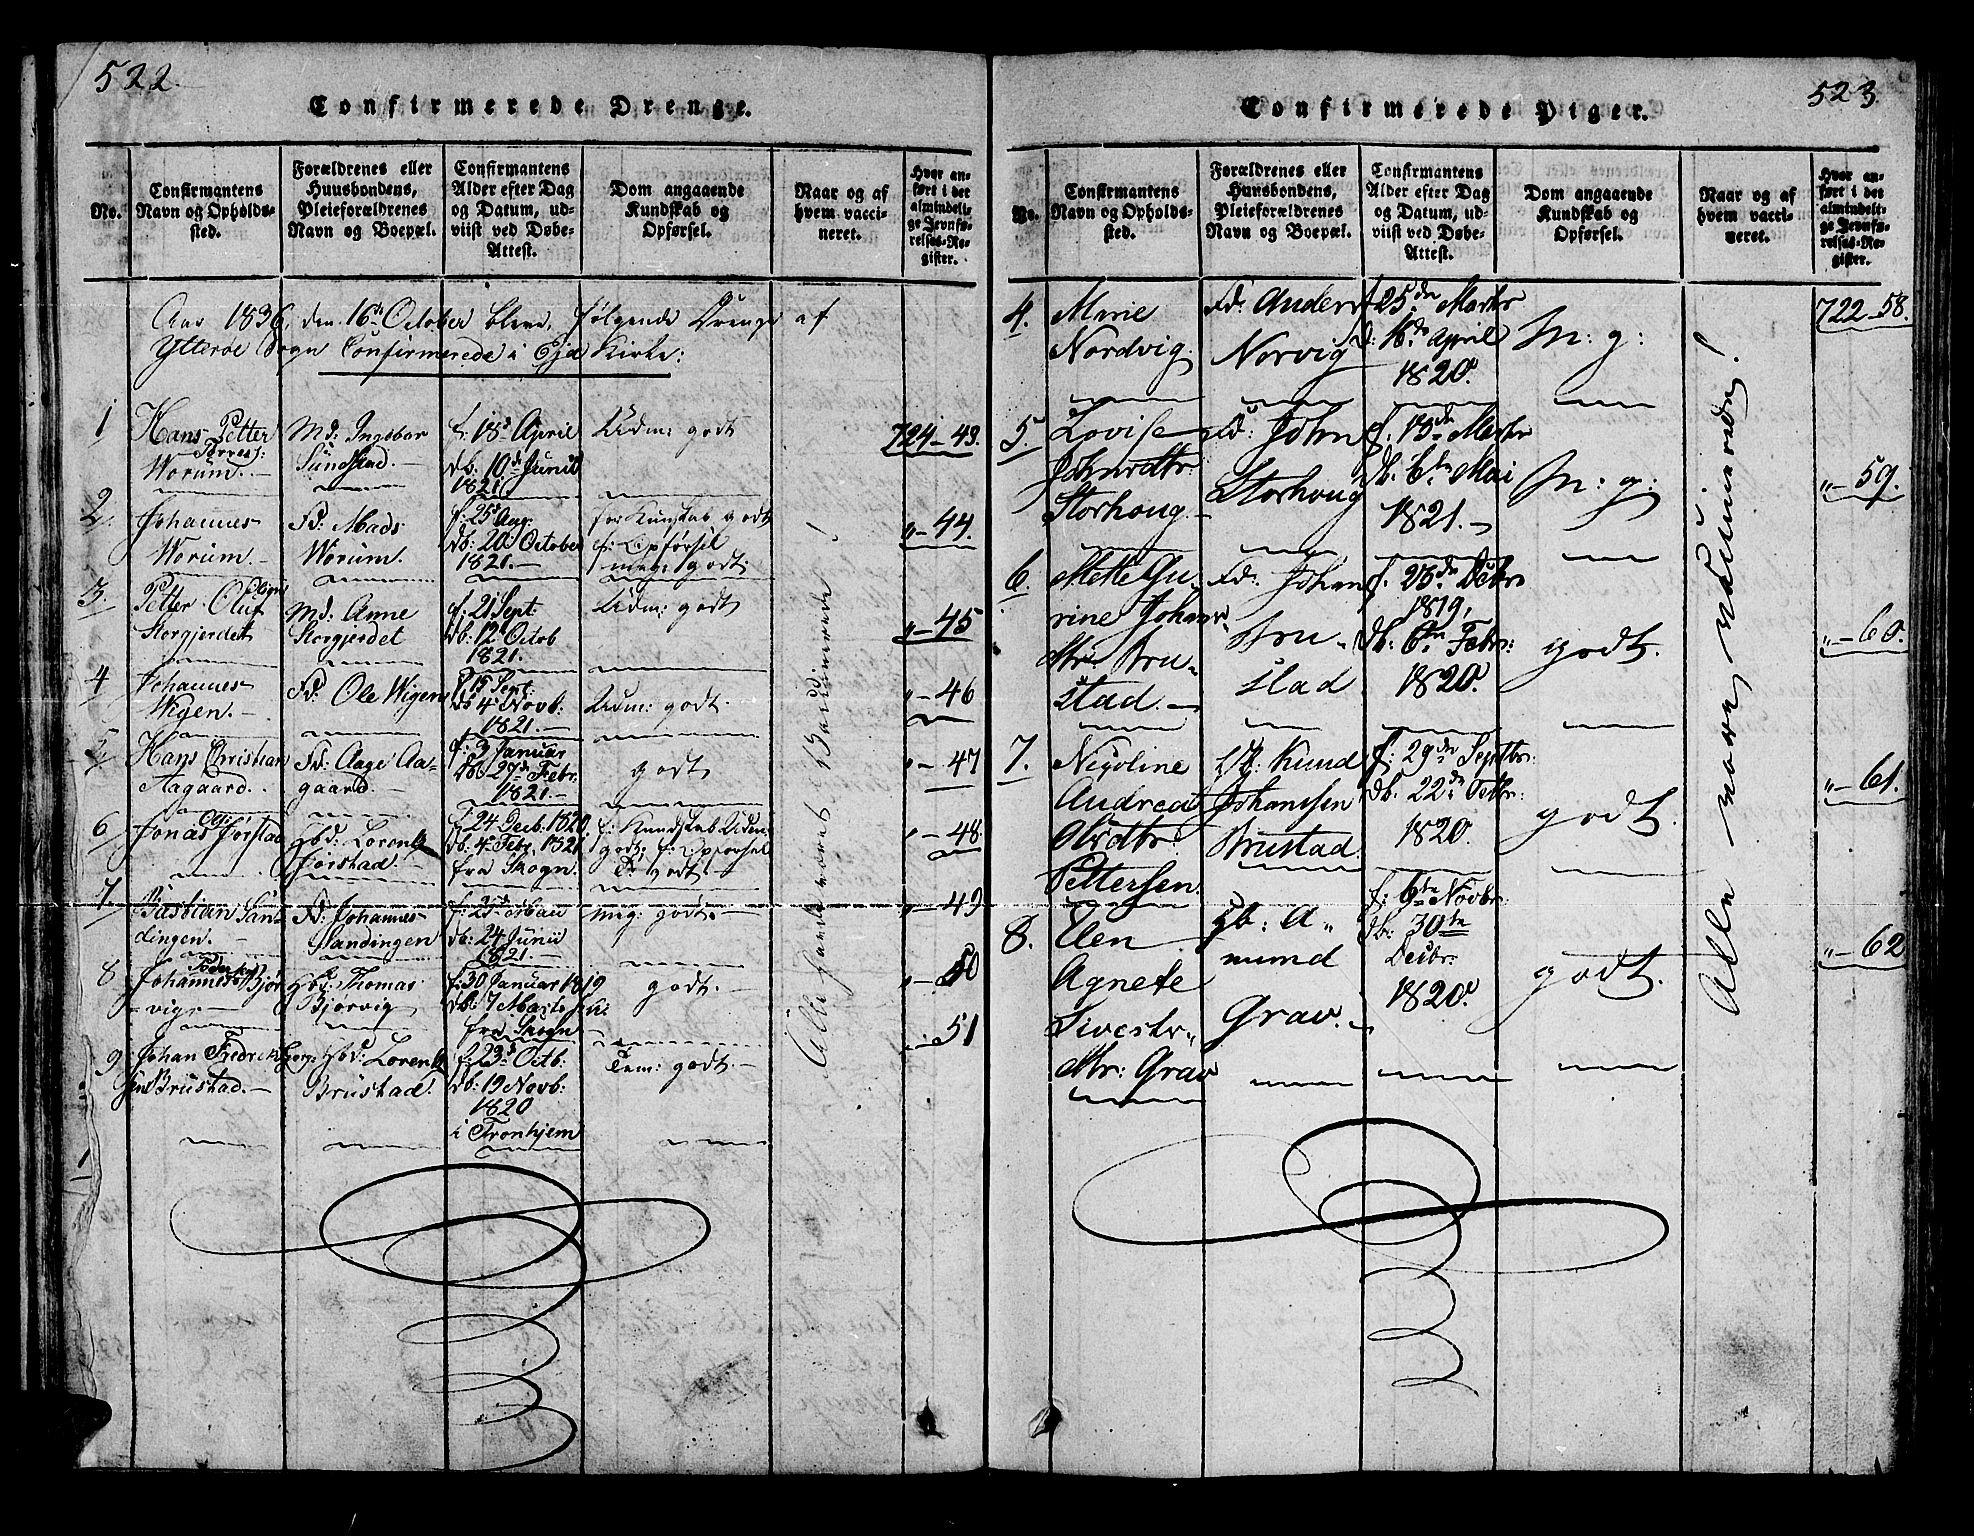 SAT, Ministerialprotokoller, klokkerbøker og fødselsregistre - Nord-Trøndelag, 722/L0217: Ministerialbok nr. 722A04, 1817-1842, s. 522-523